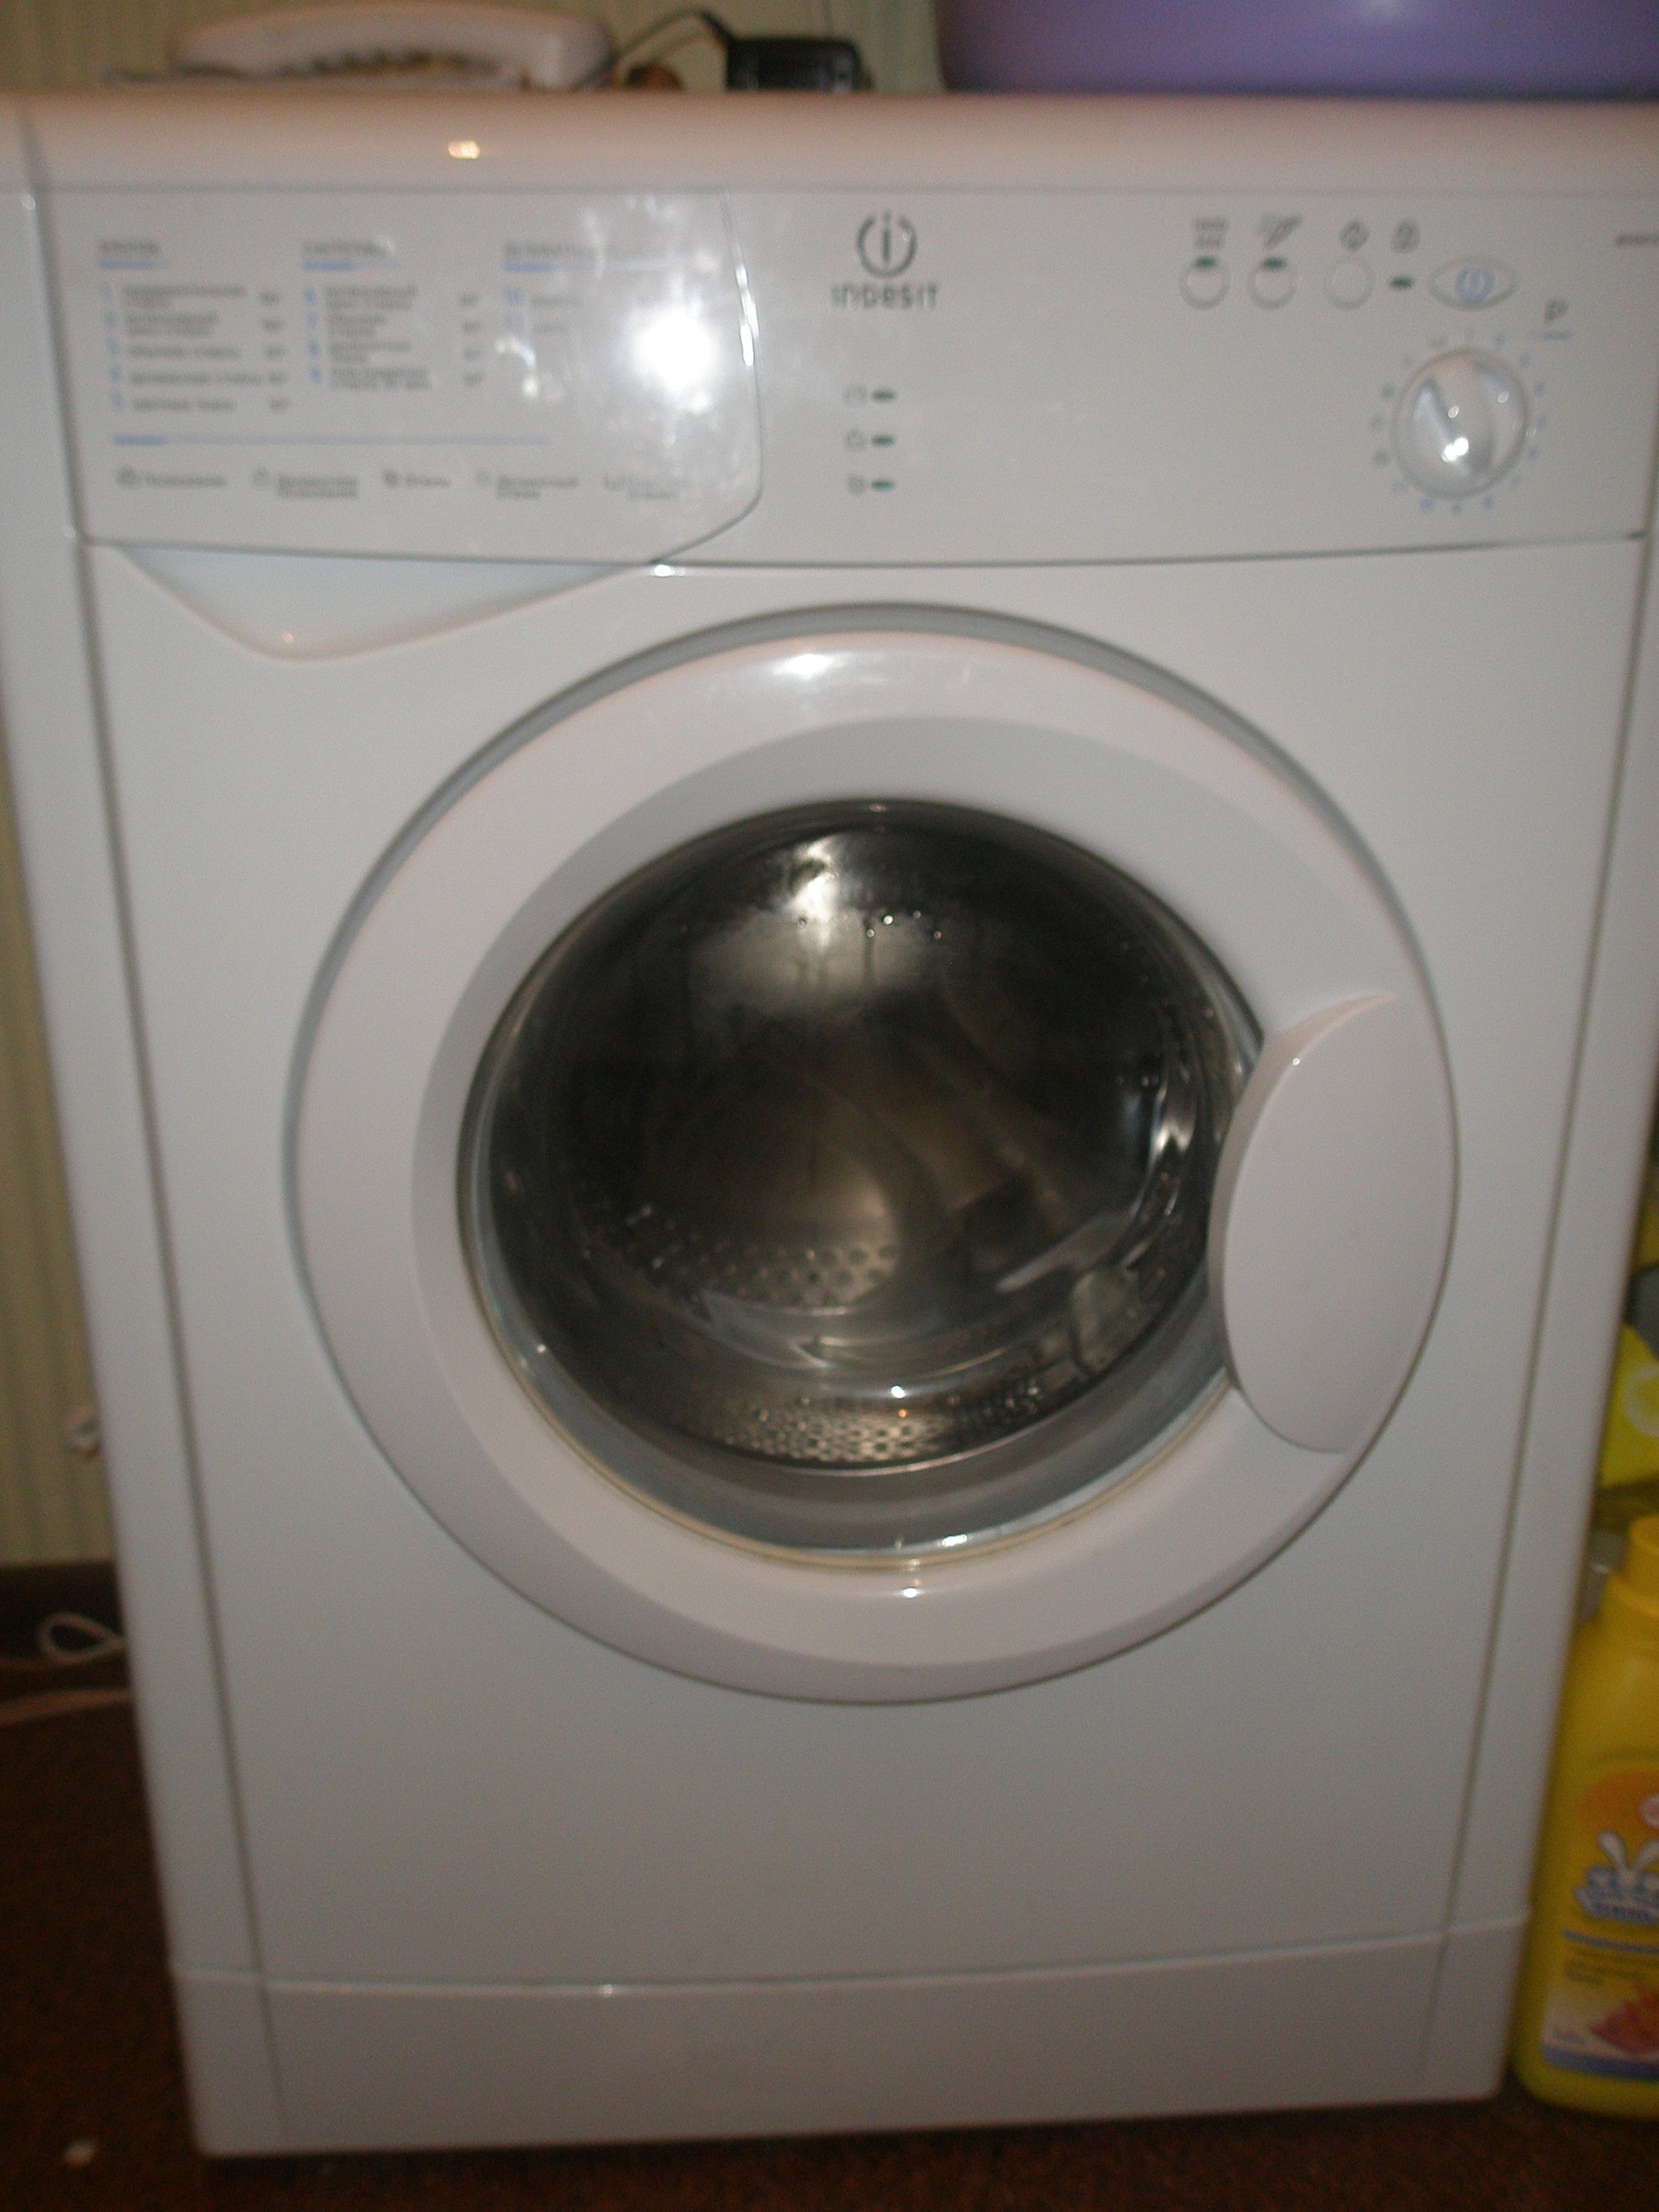 Ремонт стиральных машин indesit в братеево сервисный центр стиральных машин АЕГ 3-я Январская улица (поселок совхоза Крекшино)